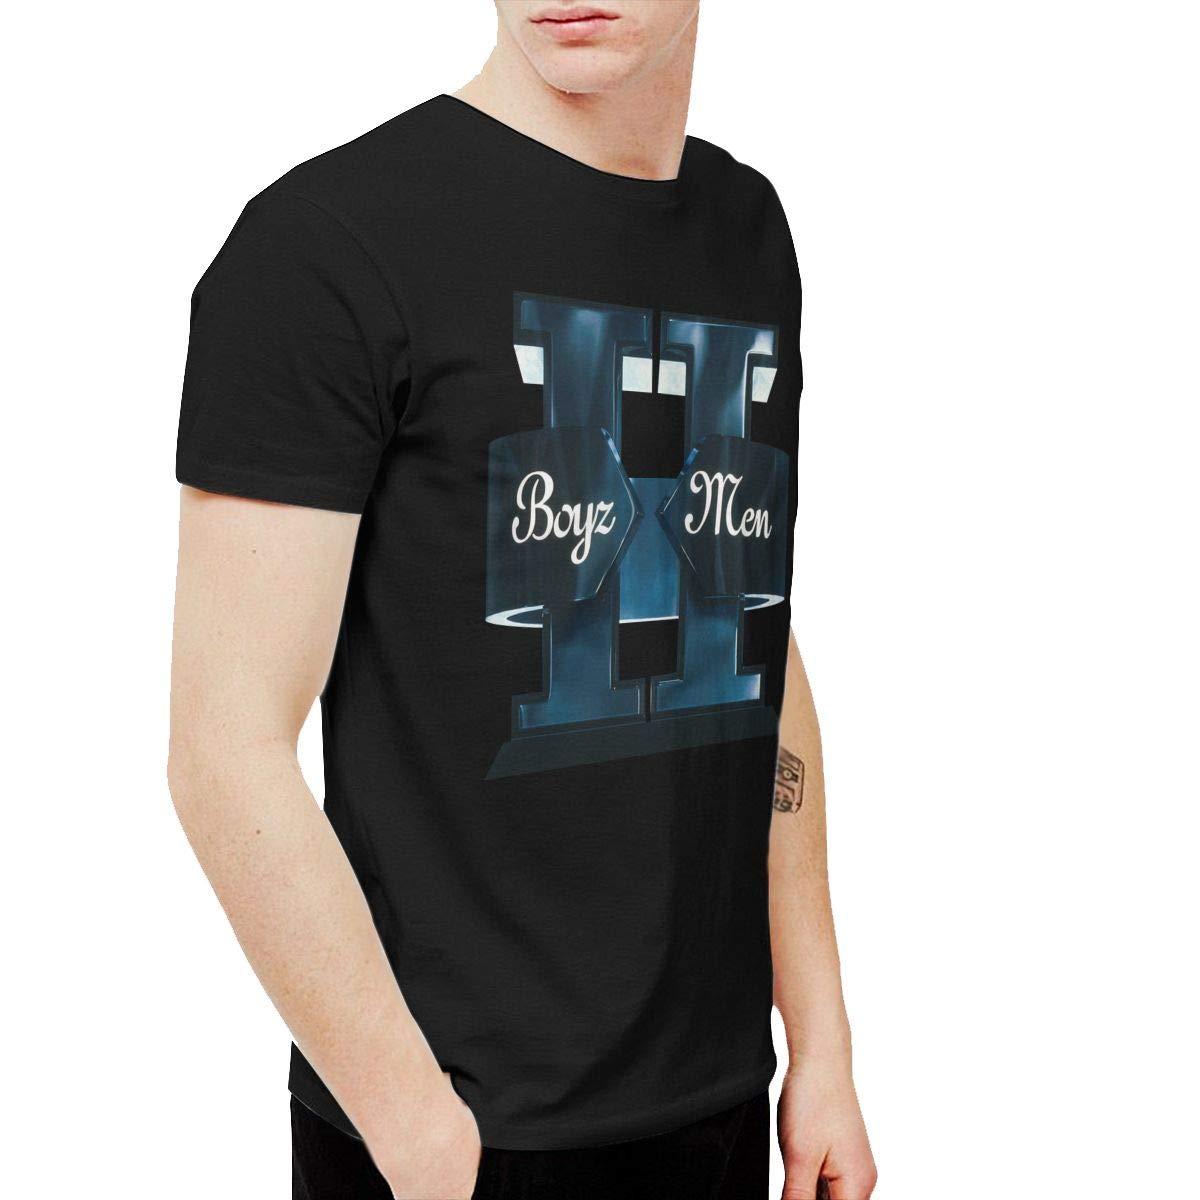 Boyz Ii Ii S Tee Black Shirts